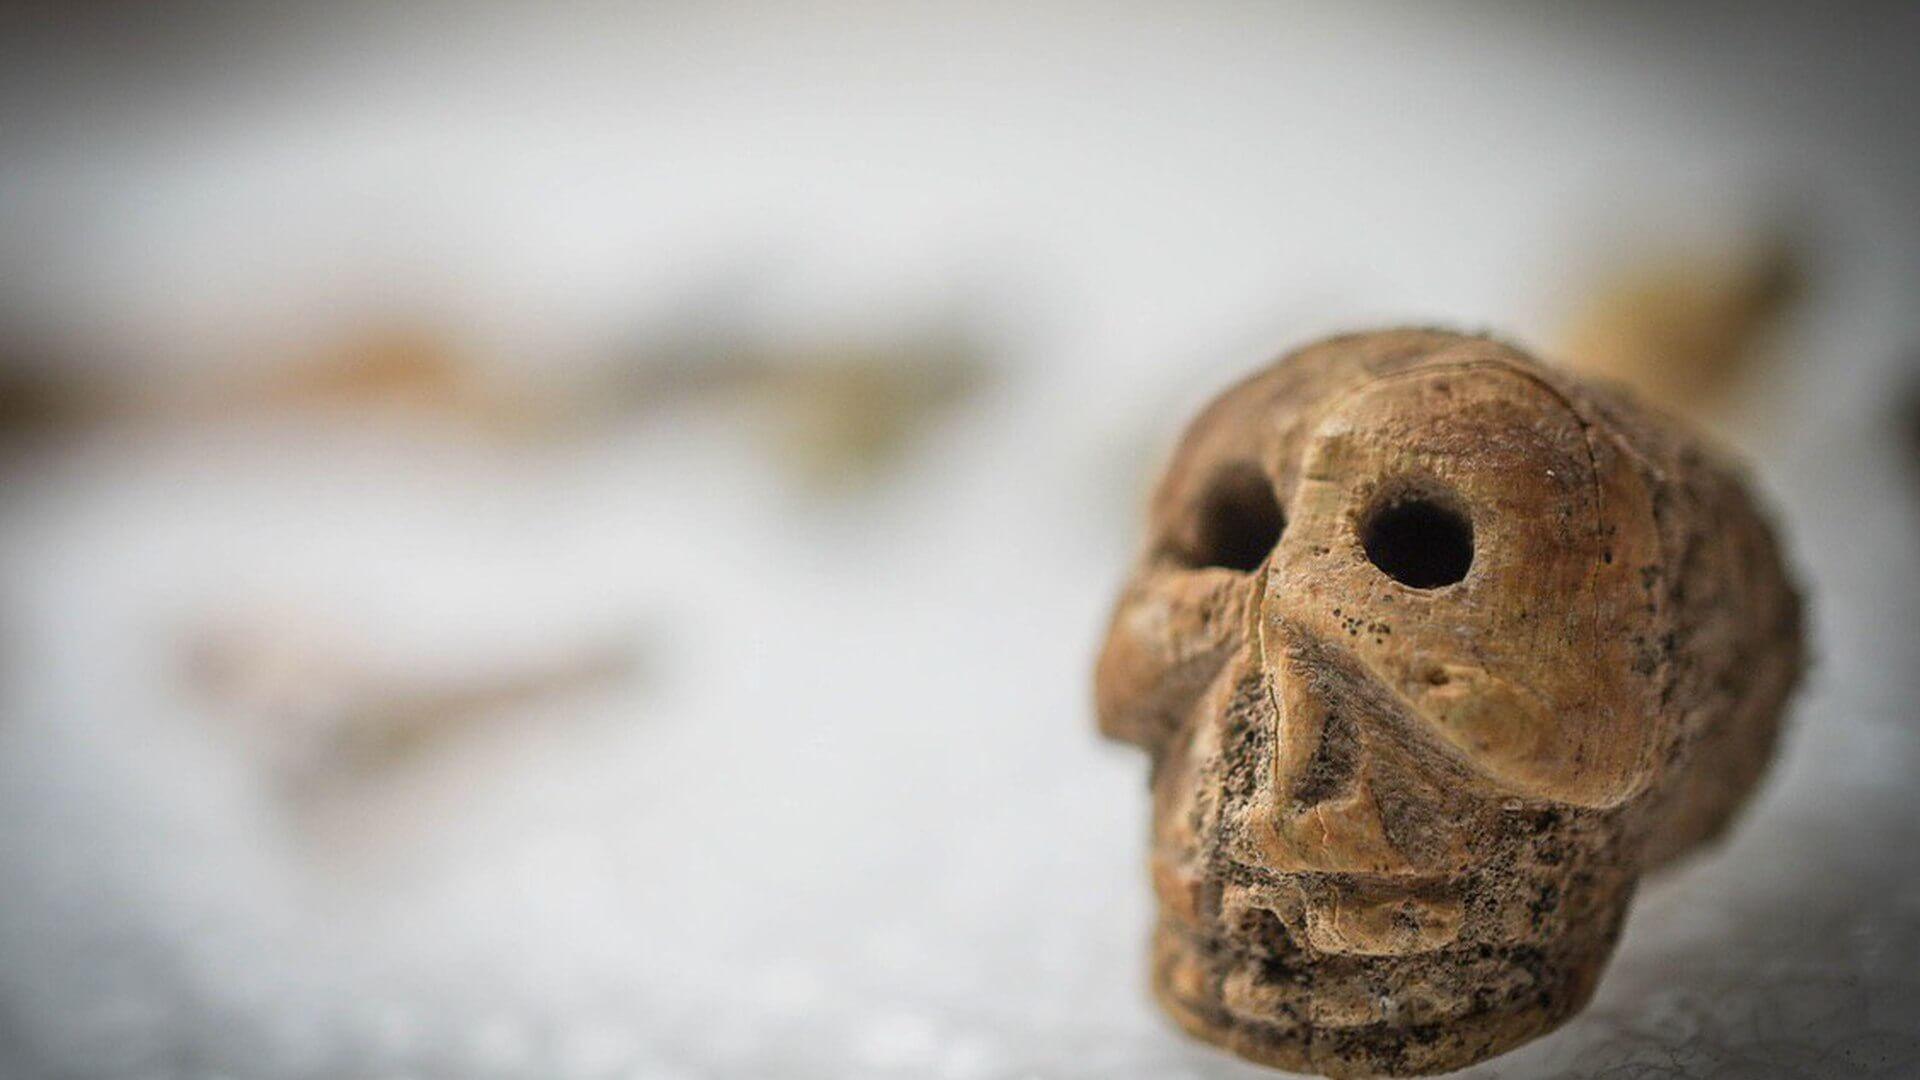 В Помпеях найден ящик с колдовскими предметами. Кому они принадлежали?